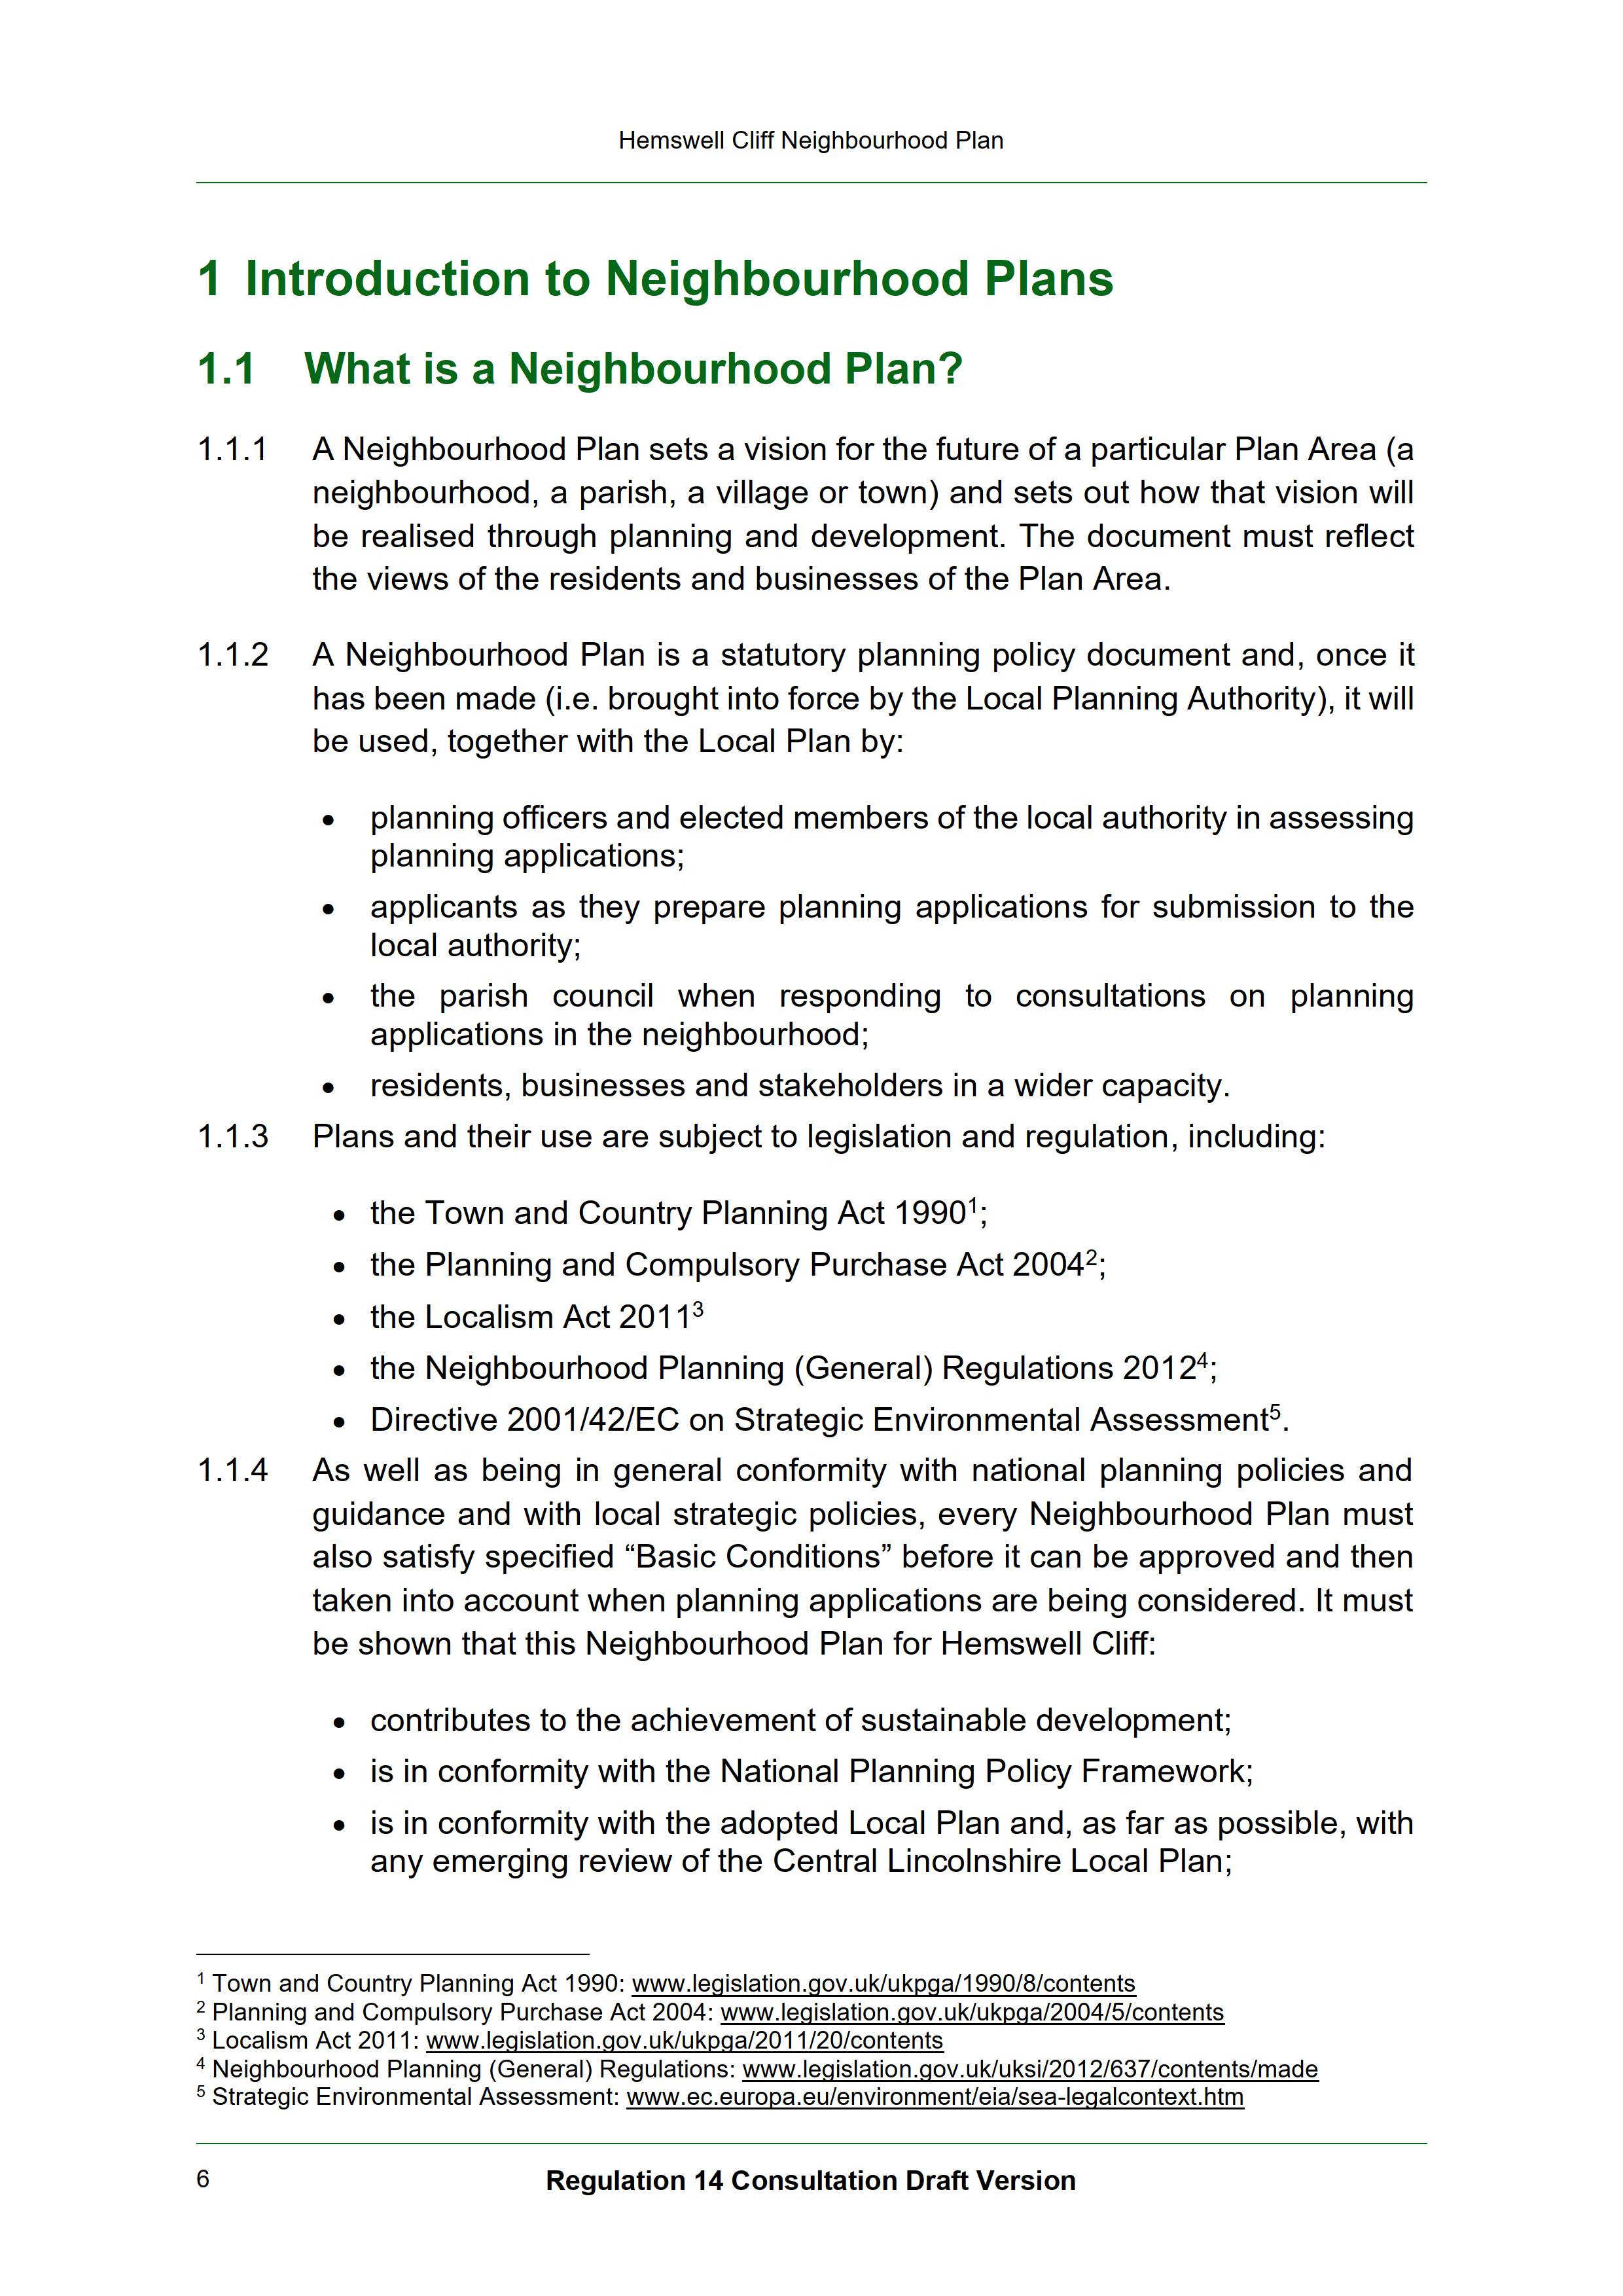 Hemswell_Cliff_R14_Draft_Neighbourhood_Plan_06.png